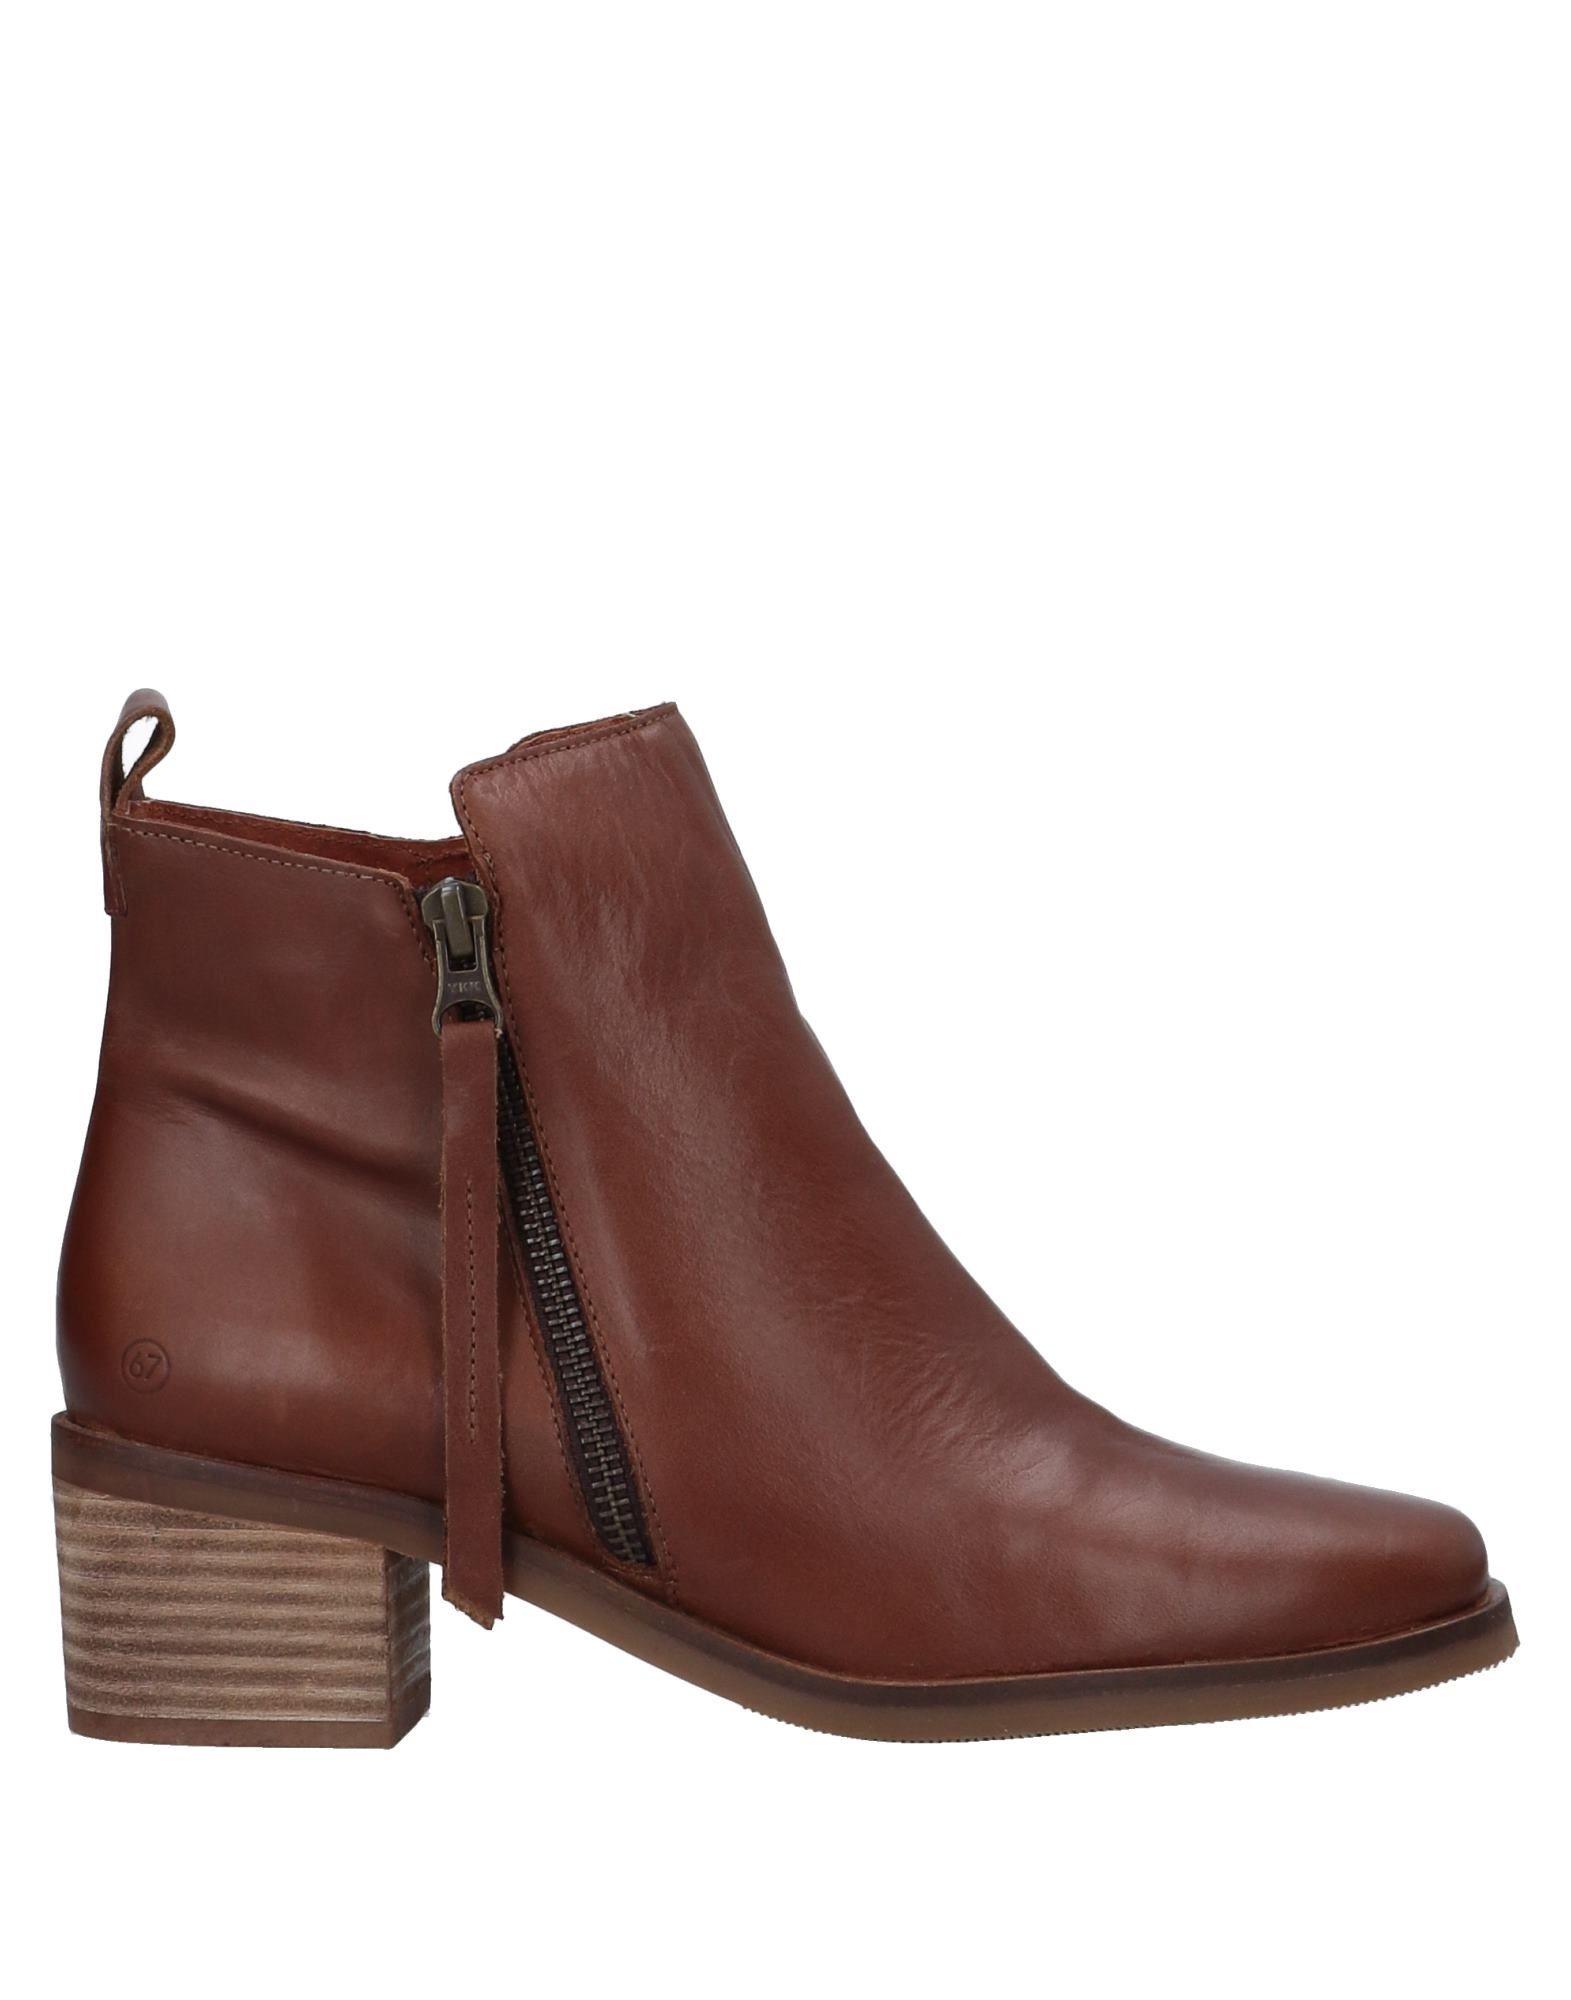 67 Sixtyseven Stiefelette Damen  11544455LJ Gute Qualität beliebte Schuhe